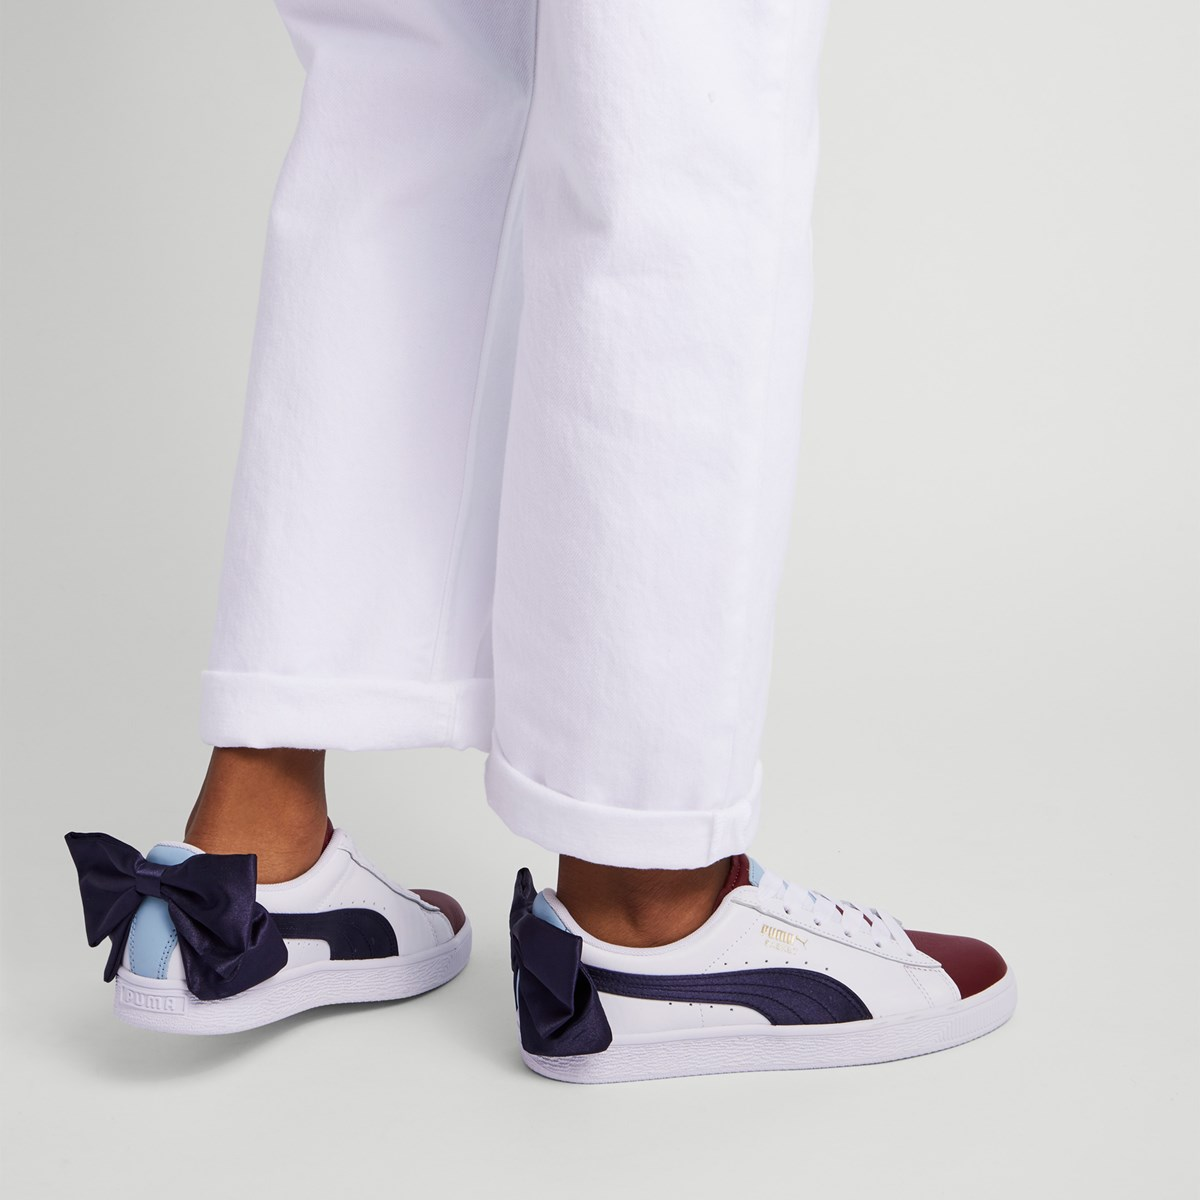 Women's Basket Bow New Skool Sneakers in White